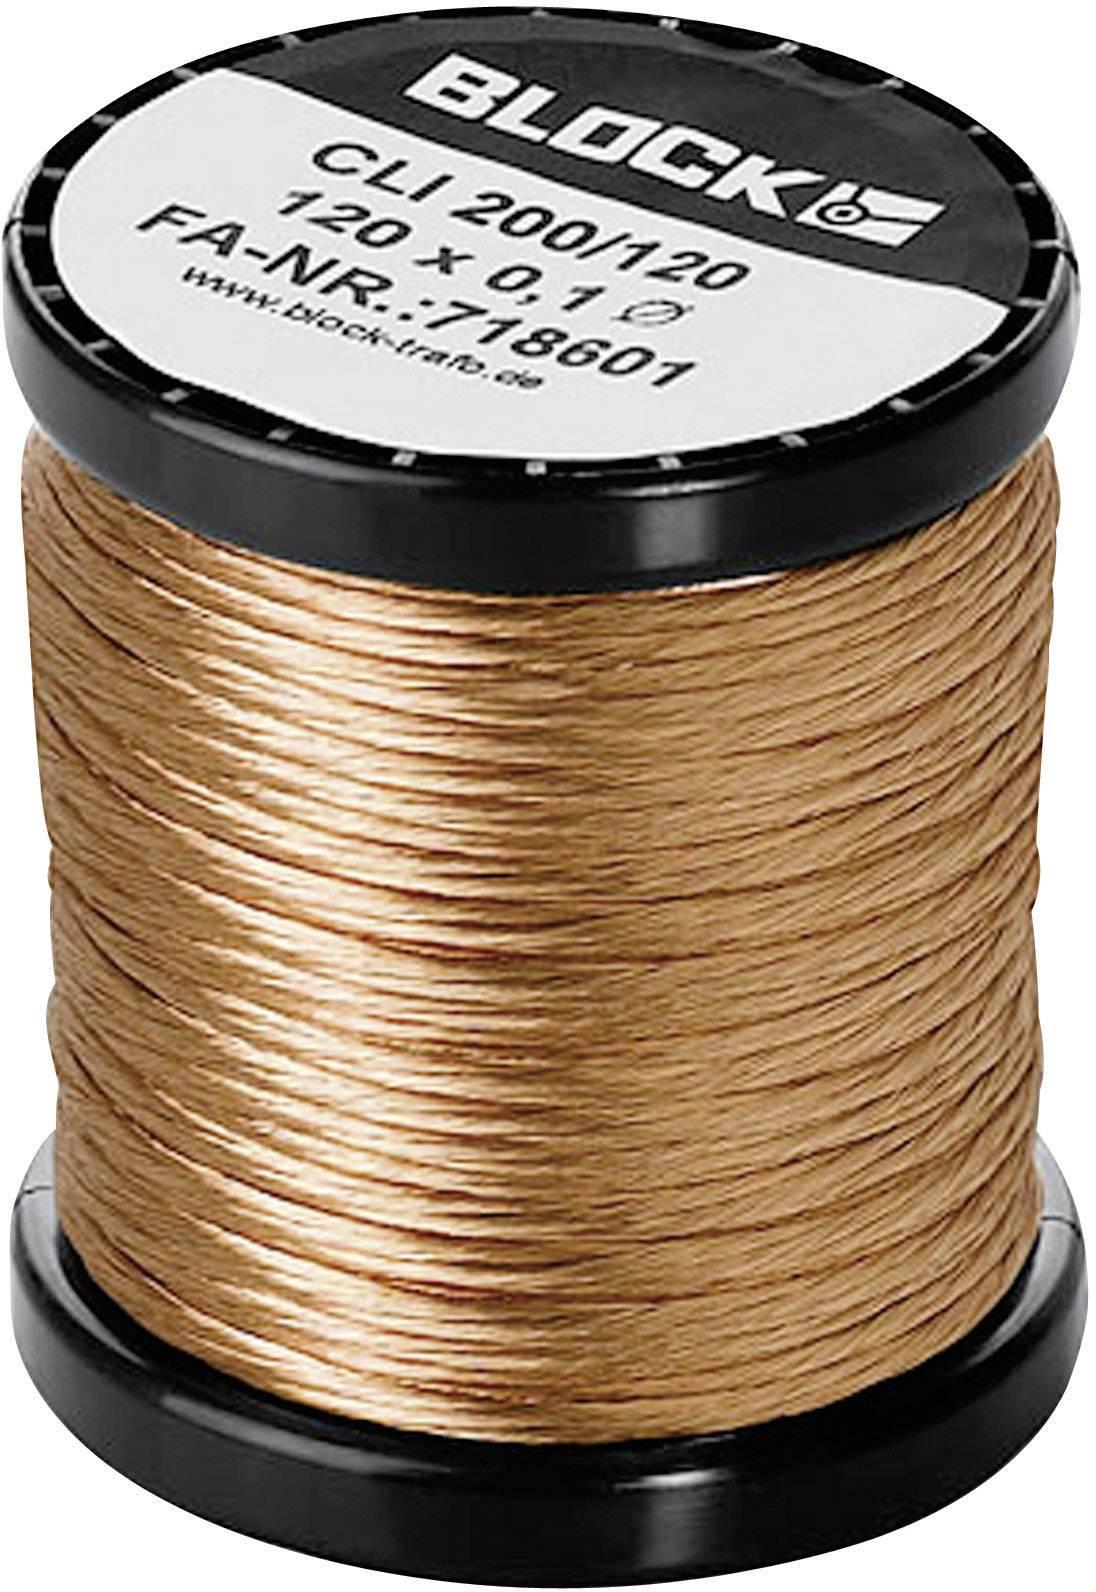 Medený drôt smaltovaný lakom Block CLI 200/120, vonkajší Ø 0.10 mm, 1 balení